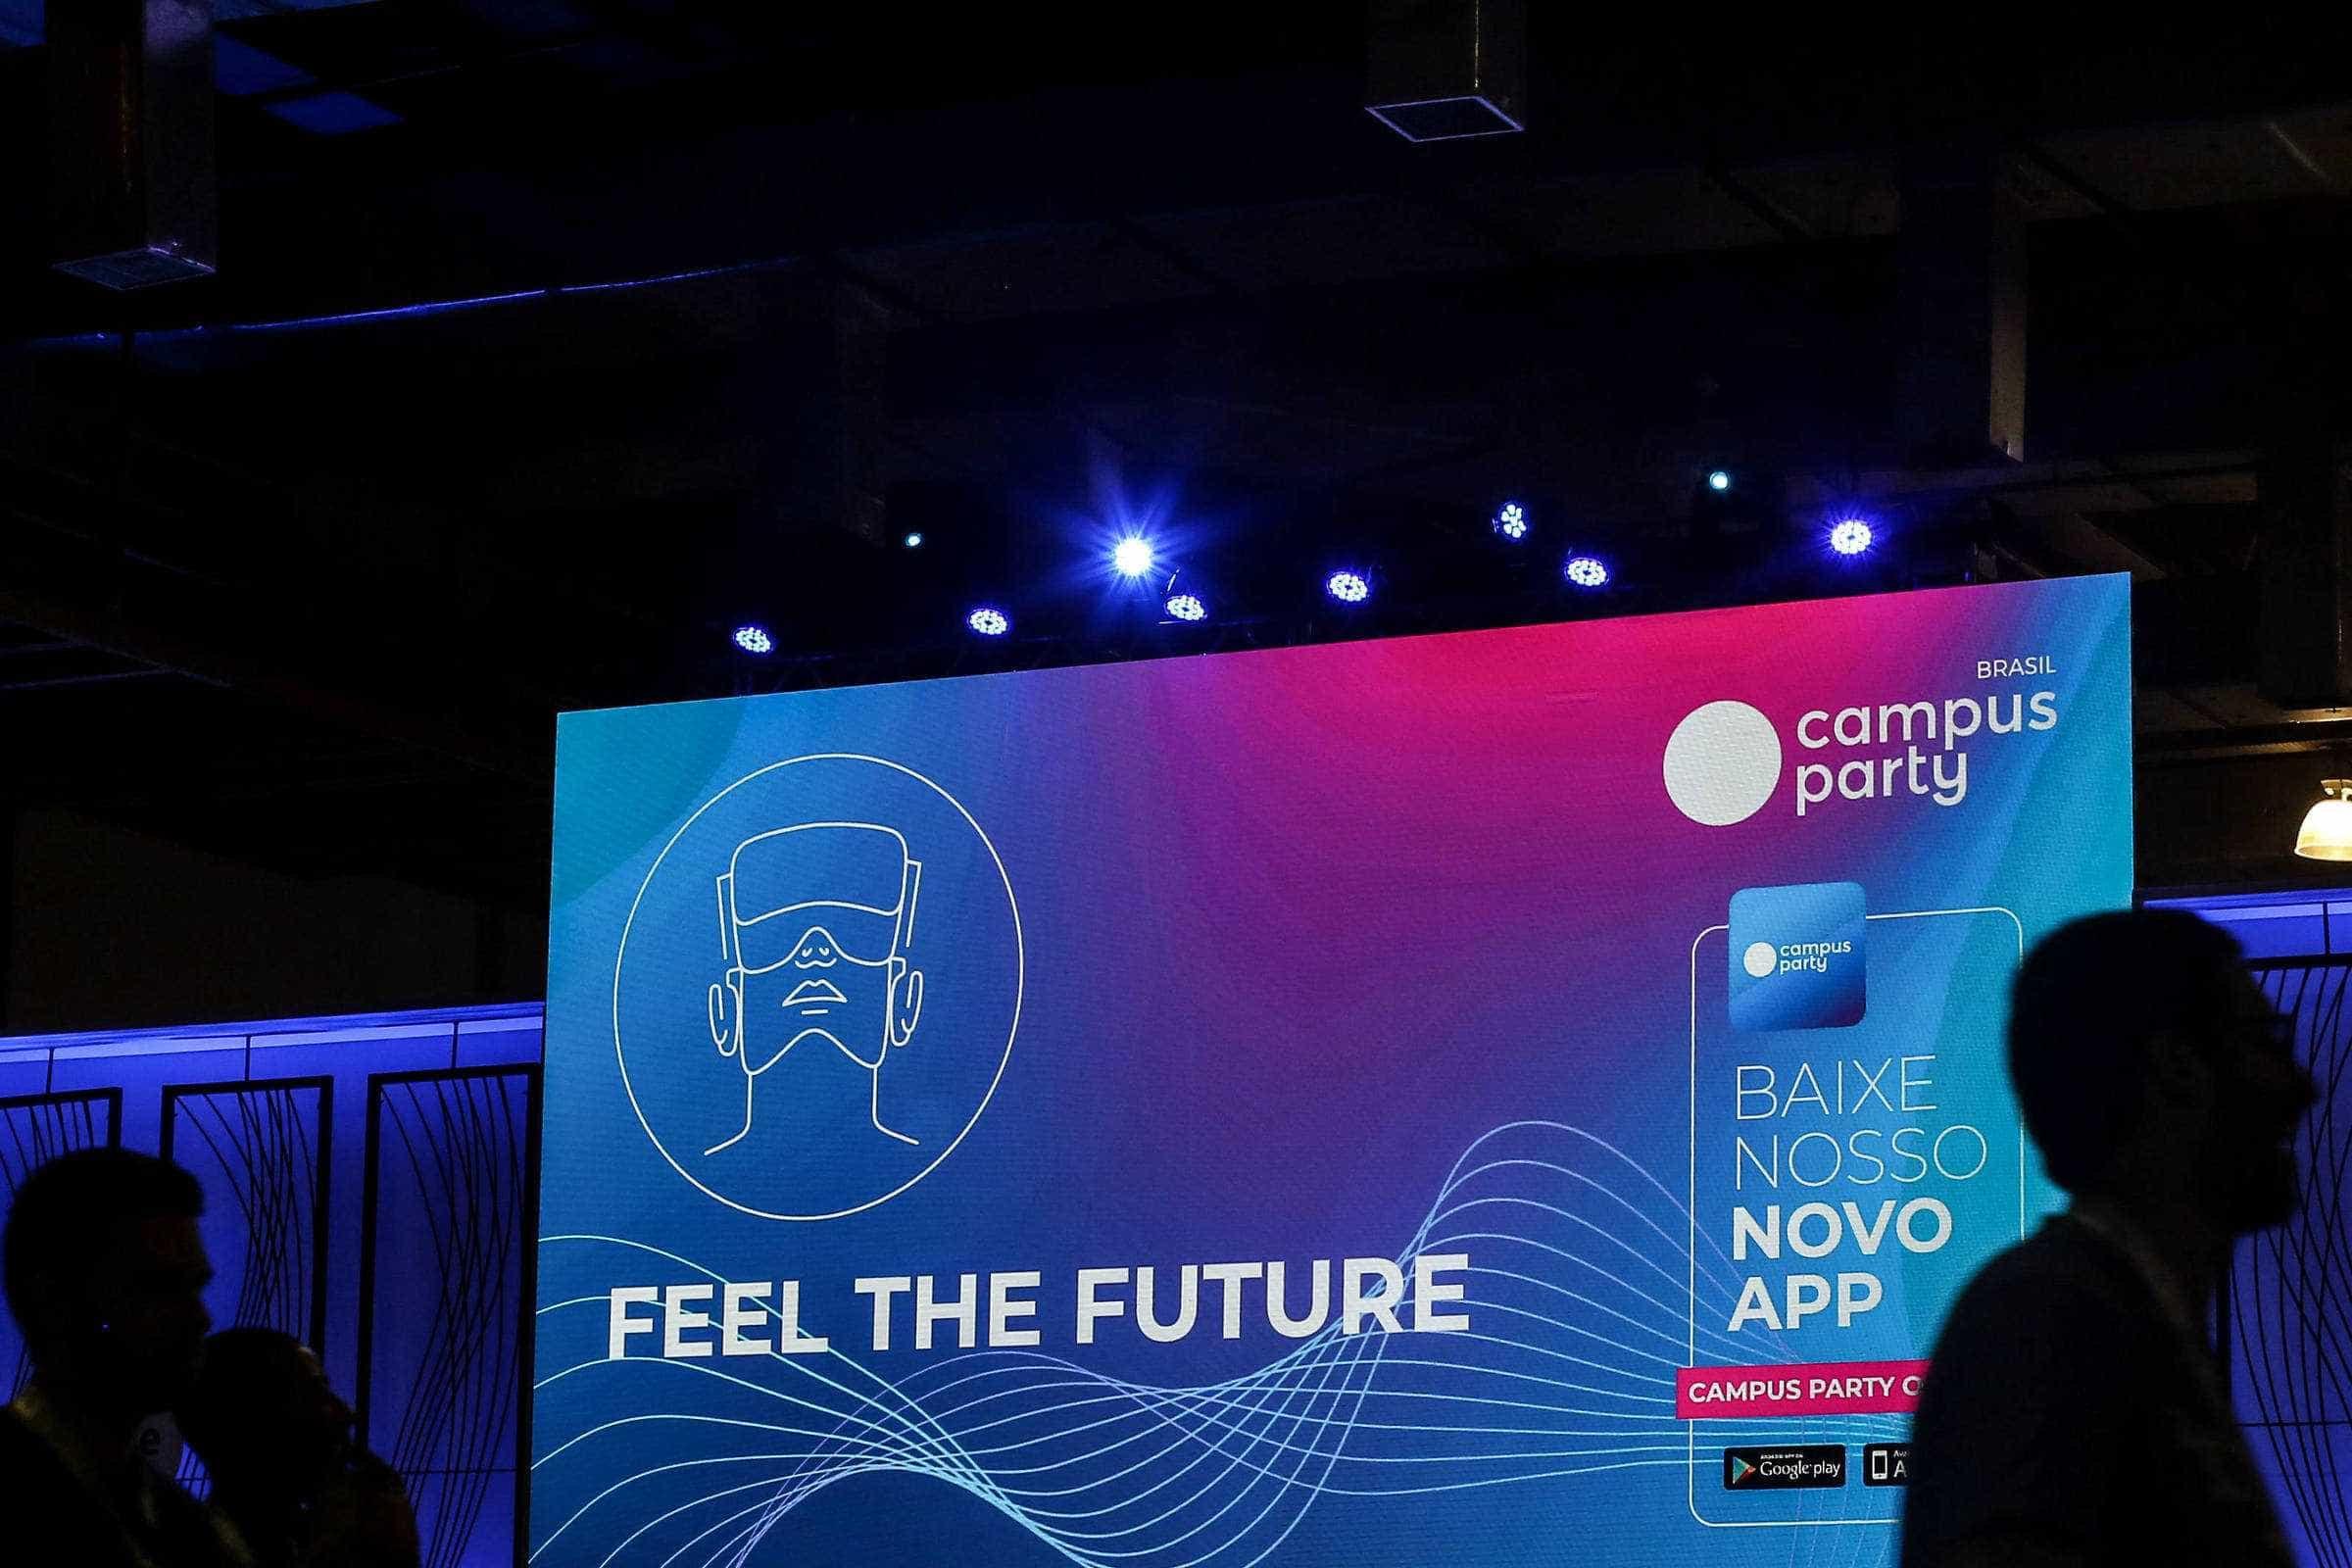 Empresas recrutam jovens e Campus Party fica mais profissional